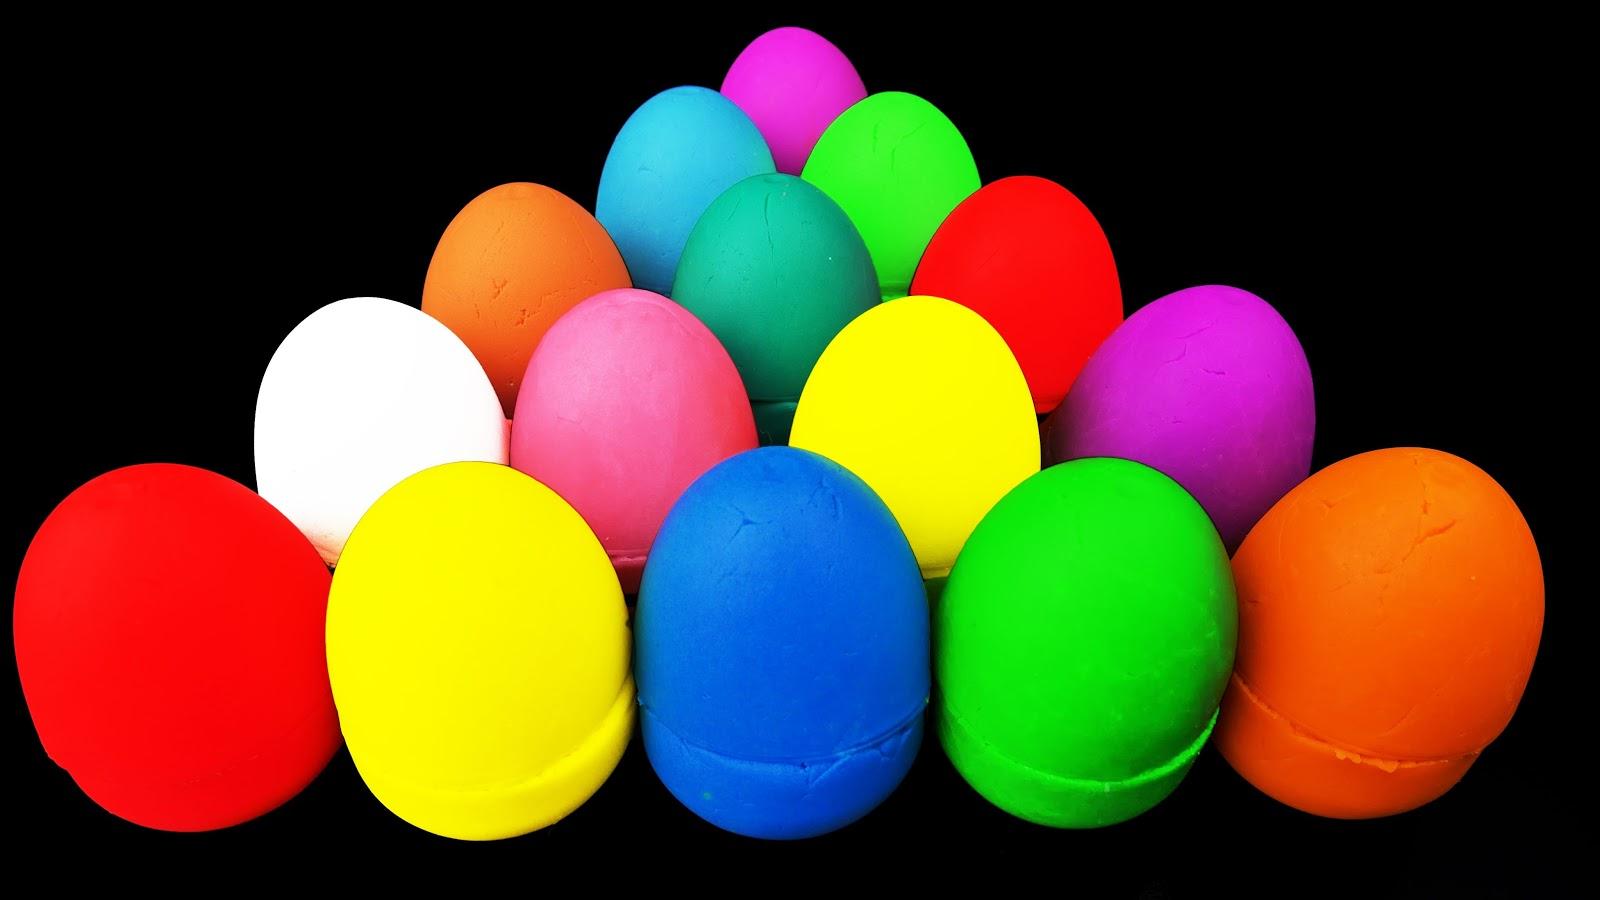 Bạn biết được màu sắc của những quả trứng này không?